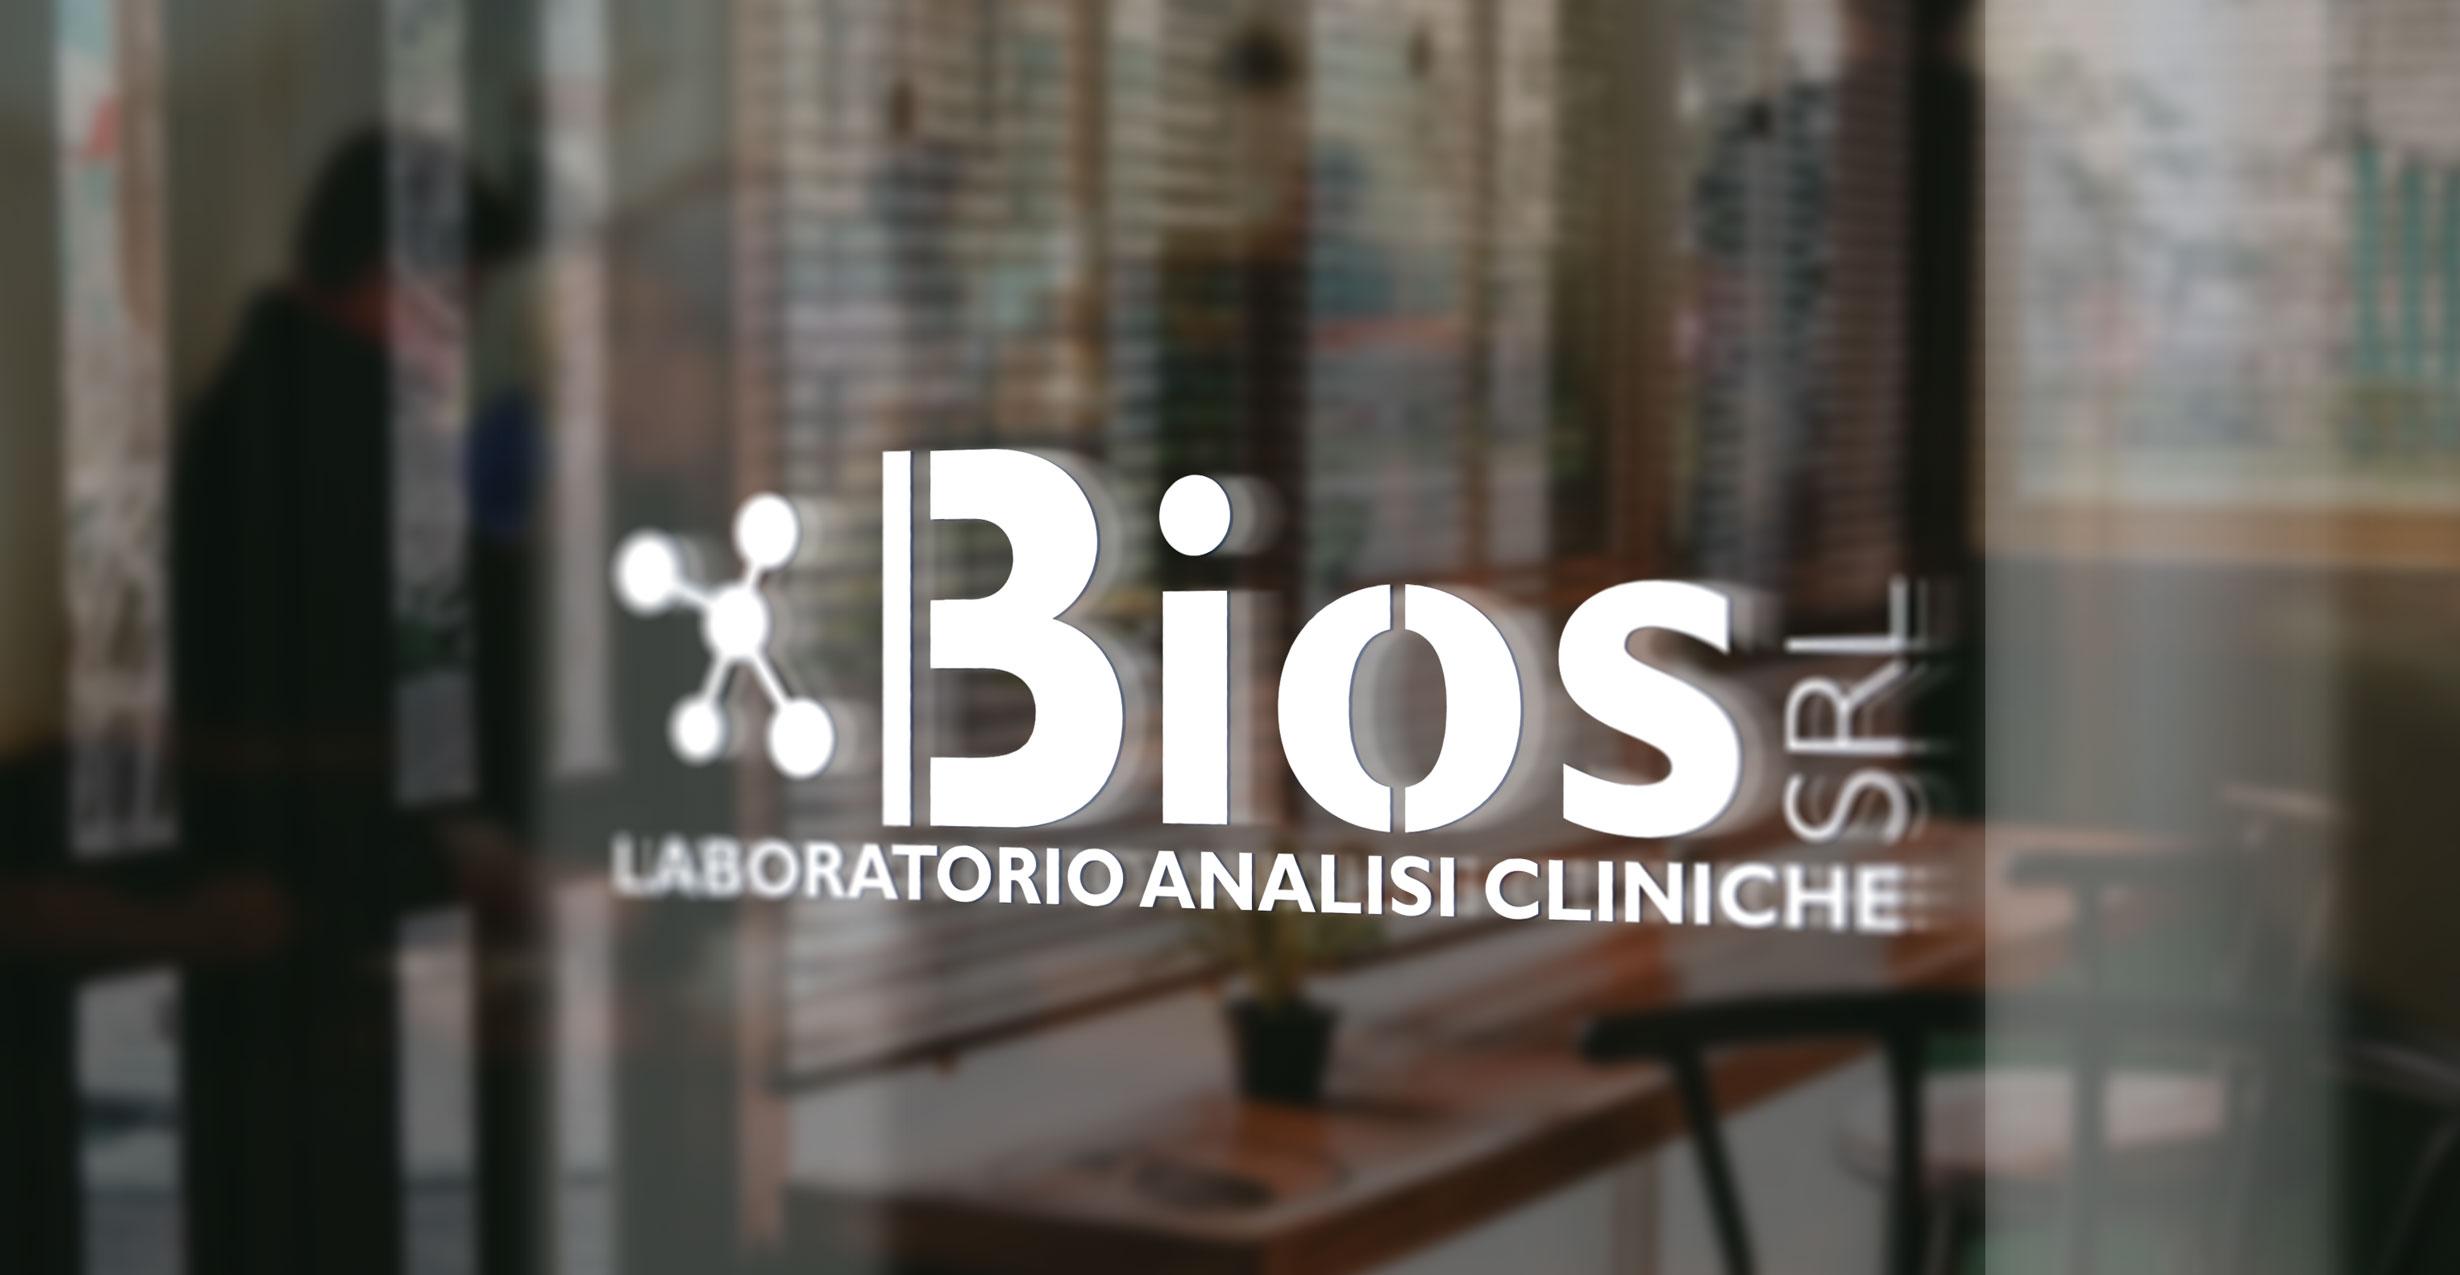 Logo Laboratorio Bios | Sans Serif Studio - Studio di grafica e comunicazione integrata in Calabria